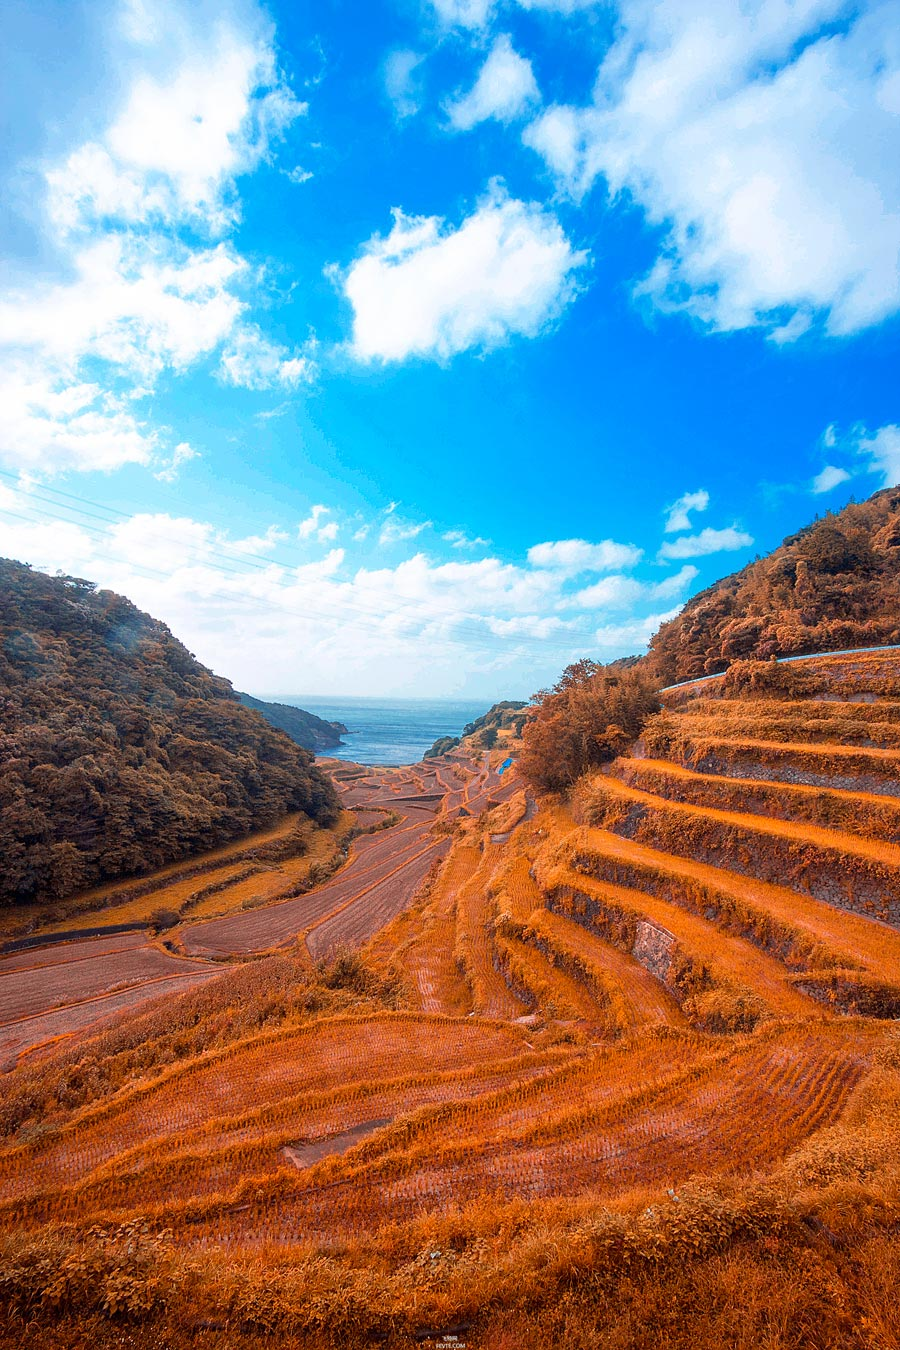 PS把春季山坡照片调成唯美秋季色彩的方法